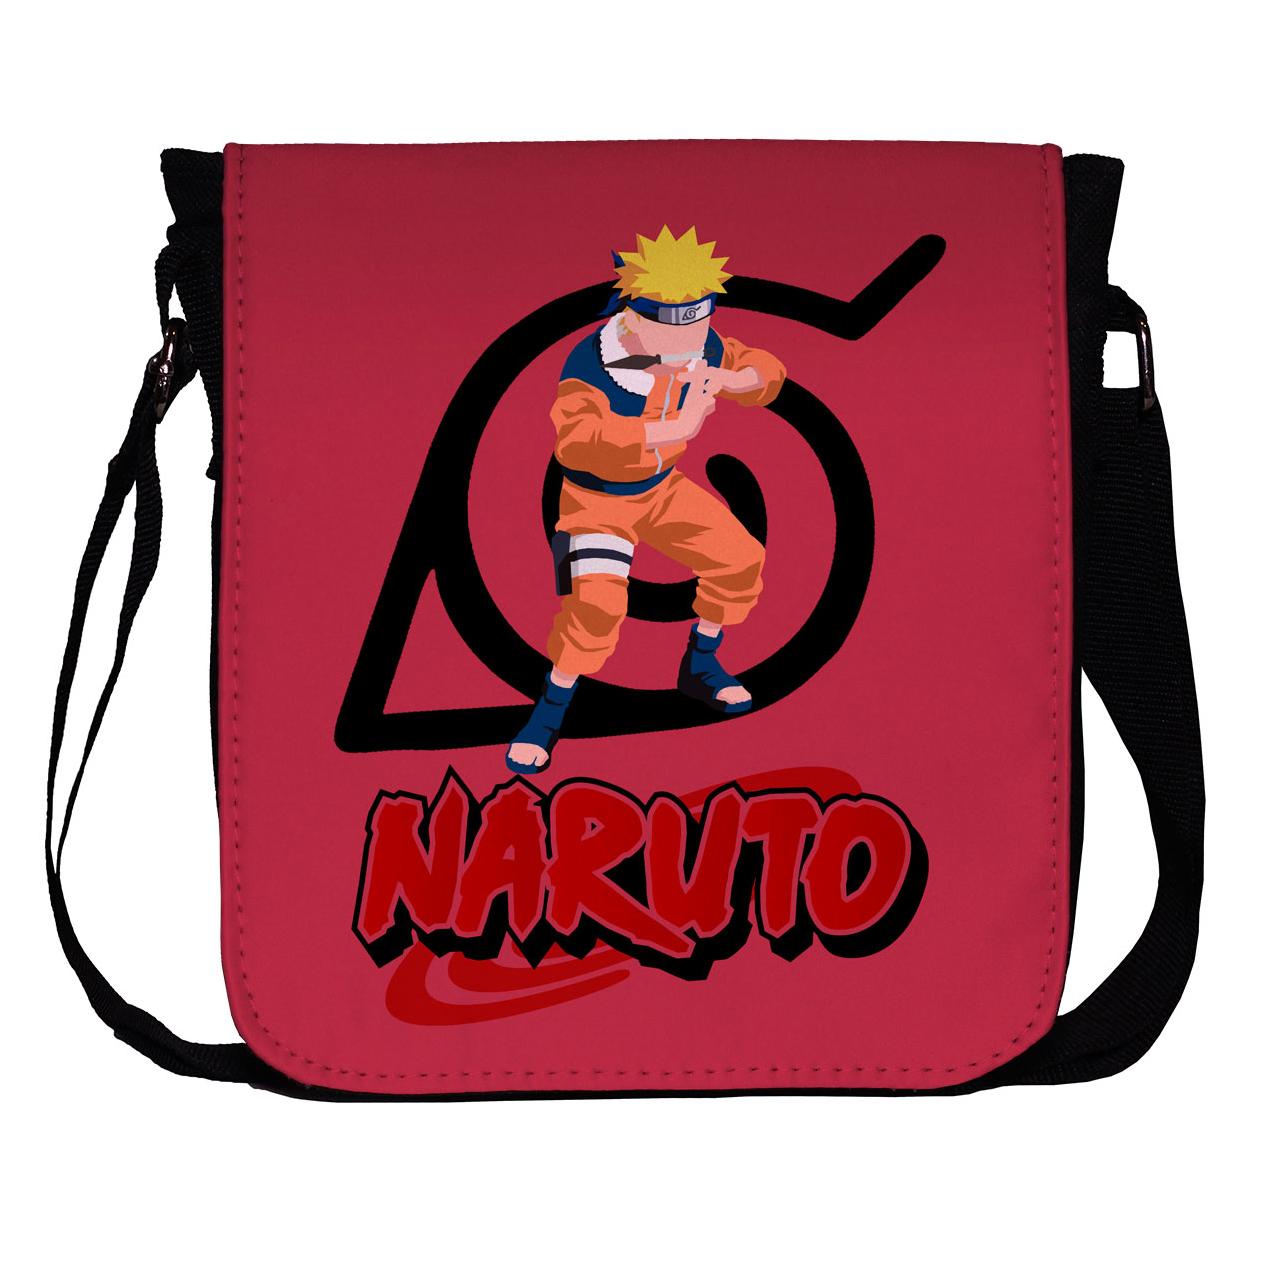 کیف دوشی پسرانه طرح Naruto کد 1007